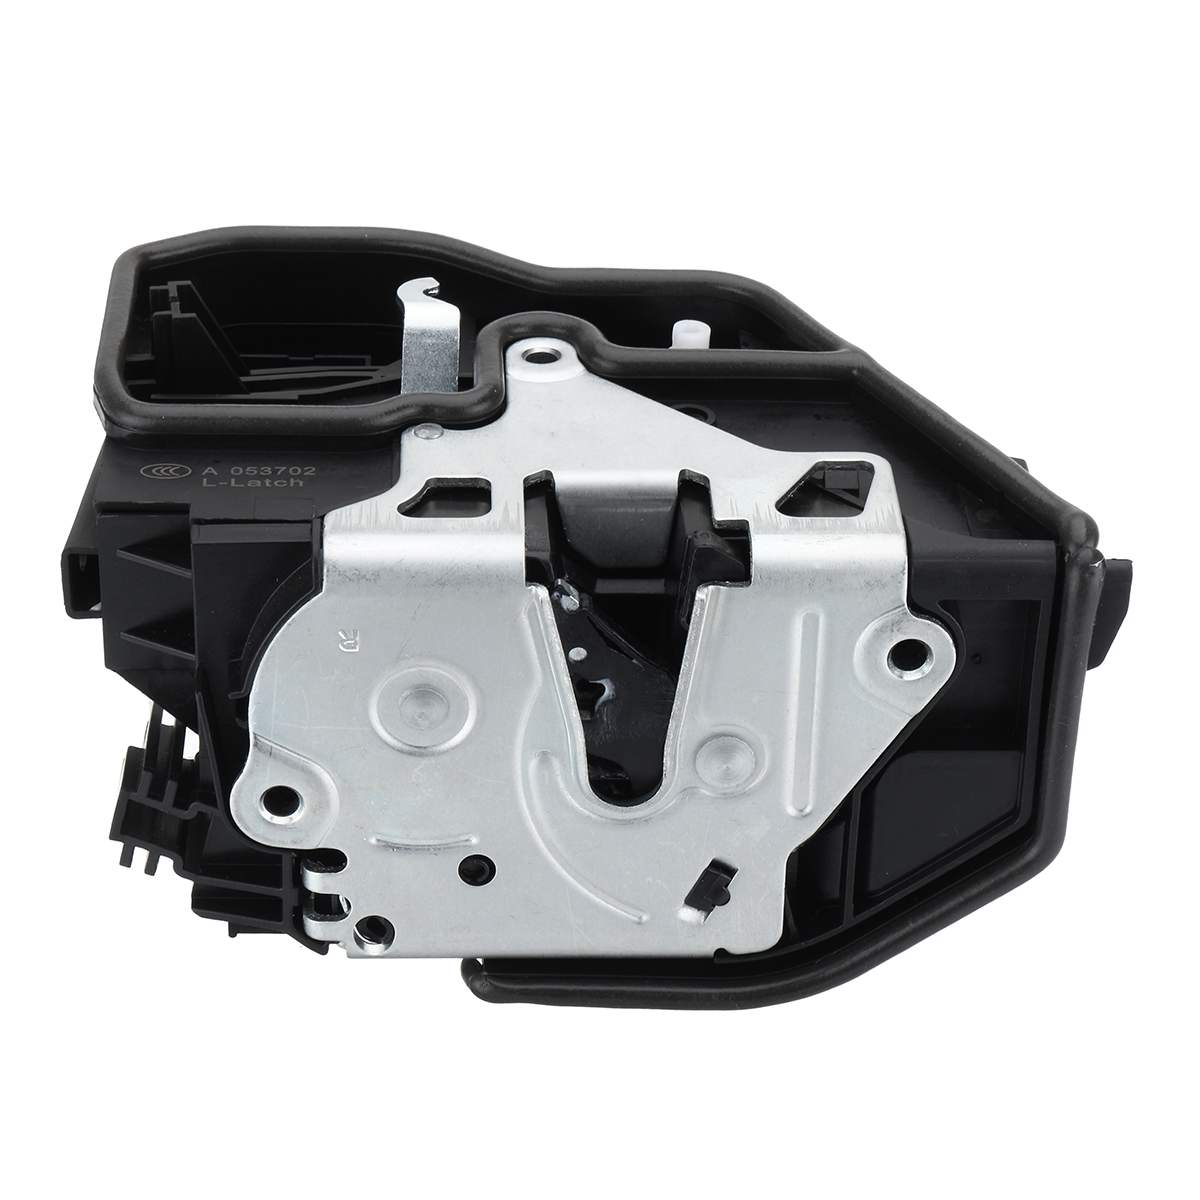 Avant arrière gauche droite électrique serrure de porte loquet actionneur pour BMW X6 E60 E70 E90 51217202143 51217202146 51227202147 51227202148 - 2